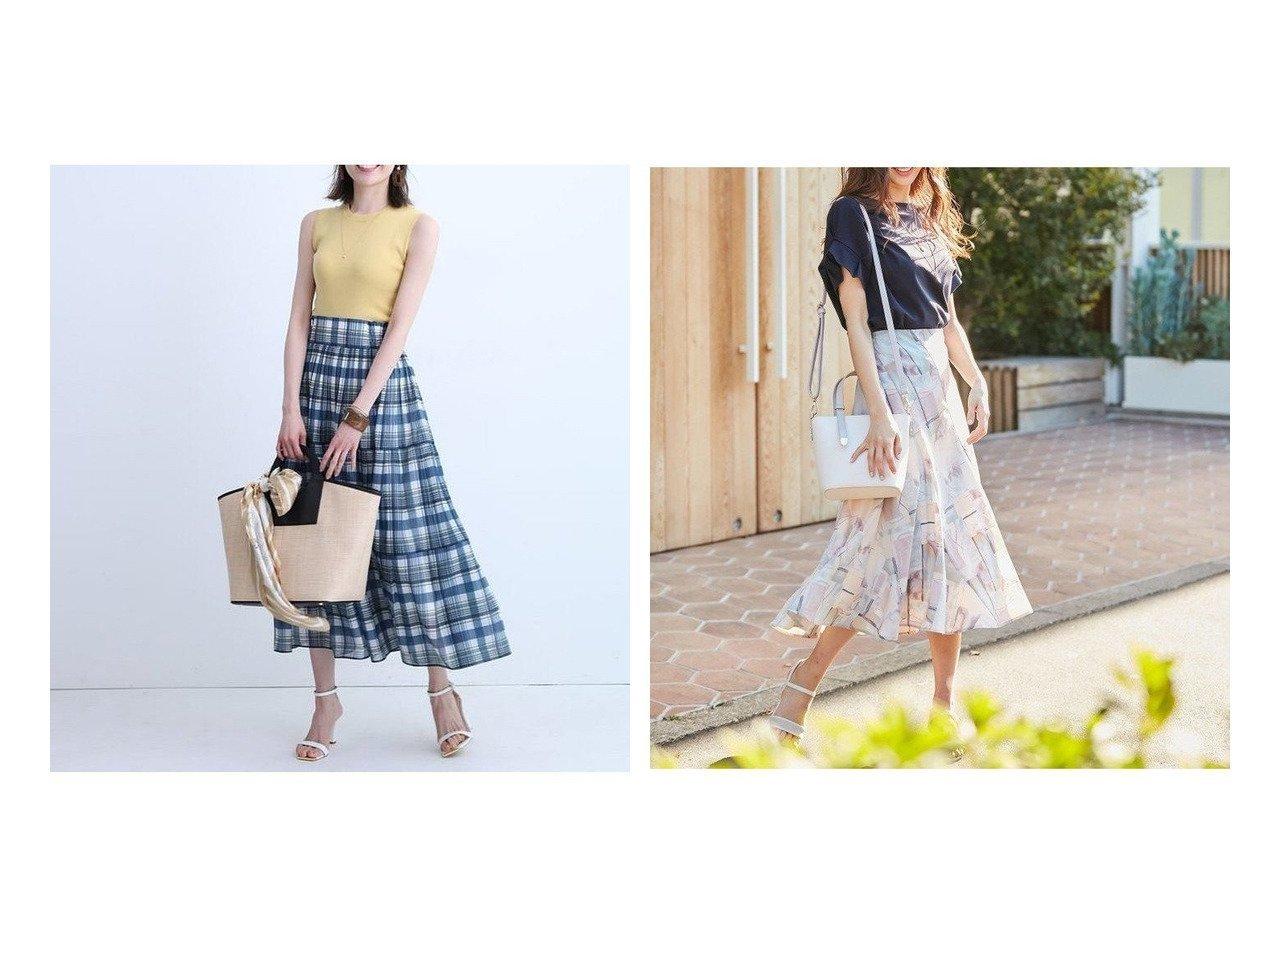 【any SiS/エニィ スィス】の【洗える】エスカルゴ スカート&【Apuweiser-riche/アプワイザーリッシェ】のシアーチェックスカート 【スカート】おすすめ!人気、トレンド・レディースファッションの通販 おすすめで人気の流行・トレンド、ファッションの通販商品 インテリア・家具・メンズファッション・キッズファッション・レディースファッション・服の通販 founy(ファニー) https://founy.com/ ファッション Fashion レディースファッション WOMEN スカート Skirt Aライン/フレアスカート Flared A-Line Skirts NEW・新作・新着・新入荷 New Arrivals エアリー ギャザー チェック ティアードスカート フレア マキシ シンプル プリント ヘムライン 今季 洗える |ID:crp329100000045135